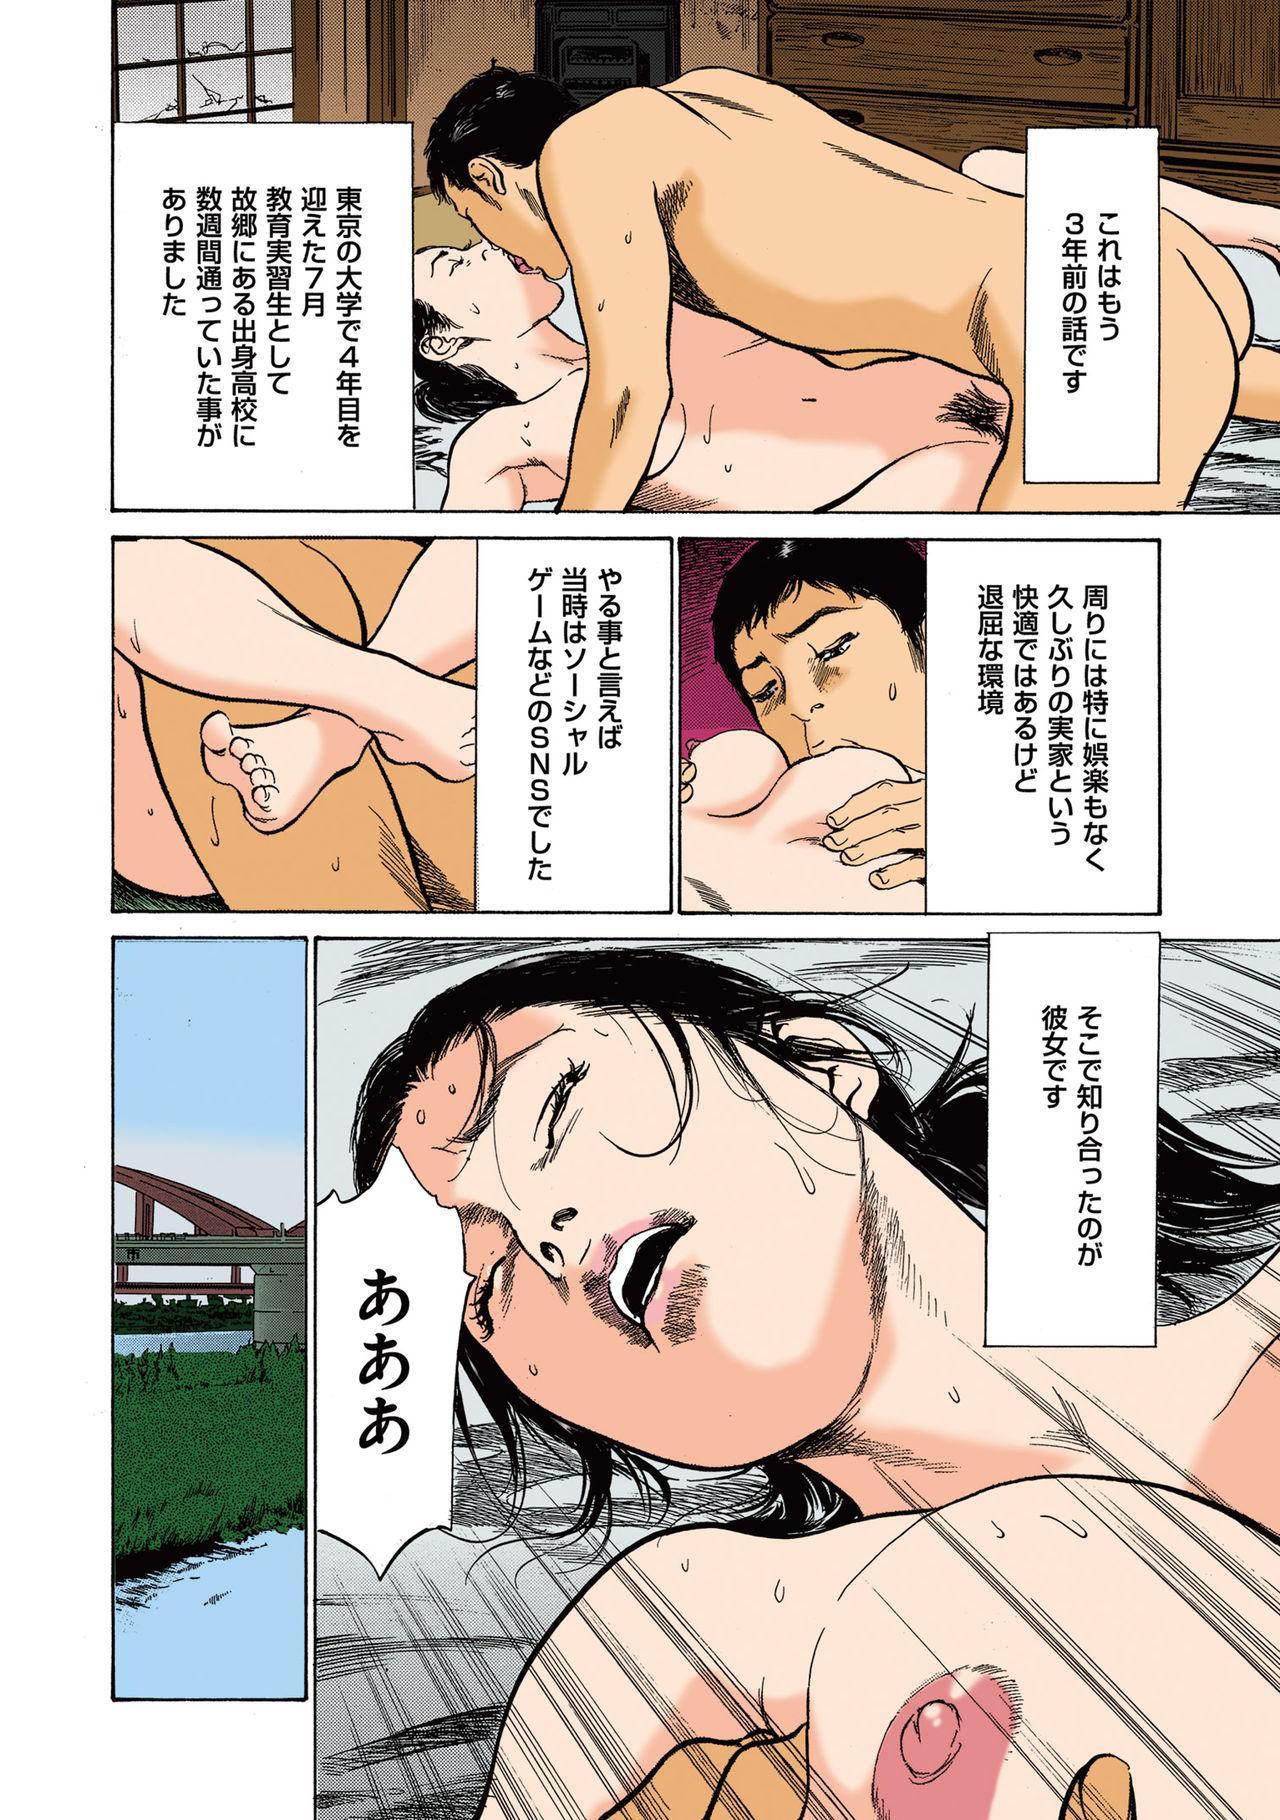 [Hazuki Kaoru] Hazuki Kaoru no Tamaranai Hanashi (Full Color Version) 2-1 5